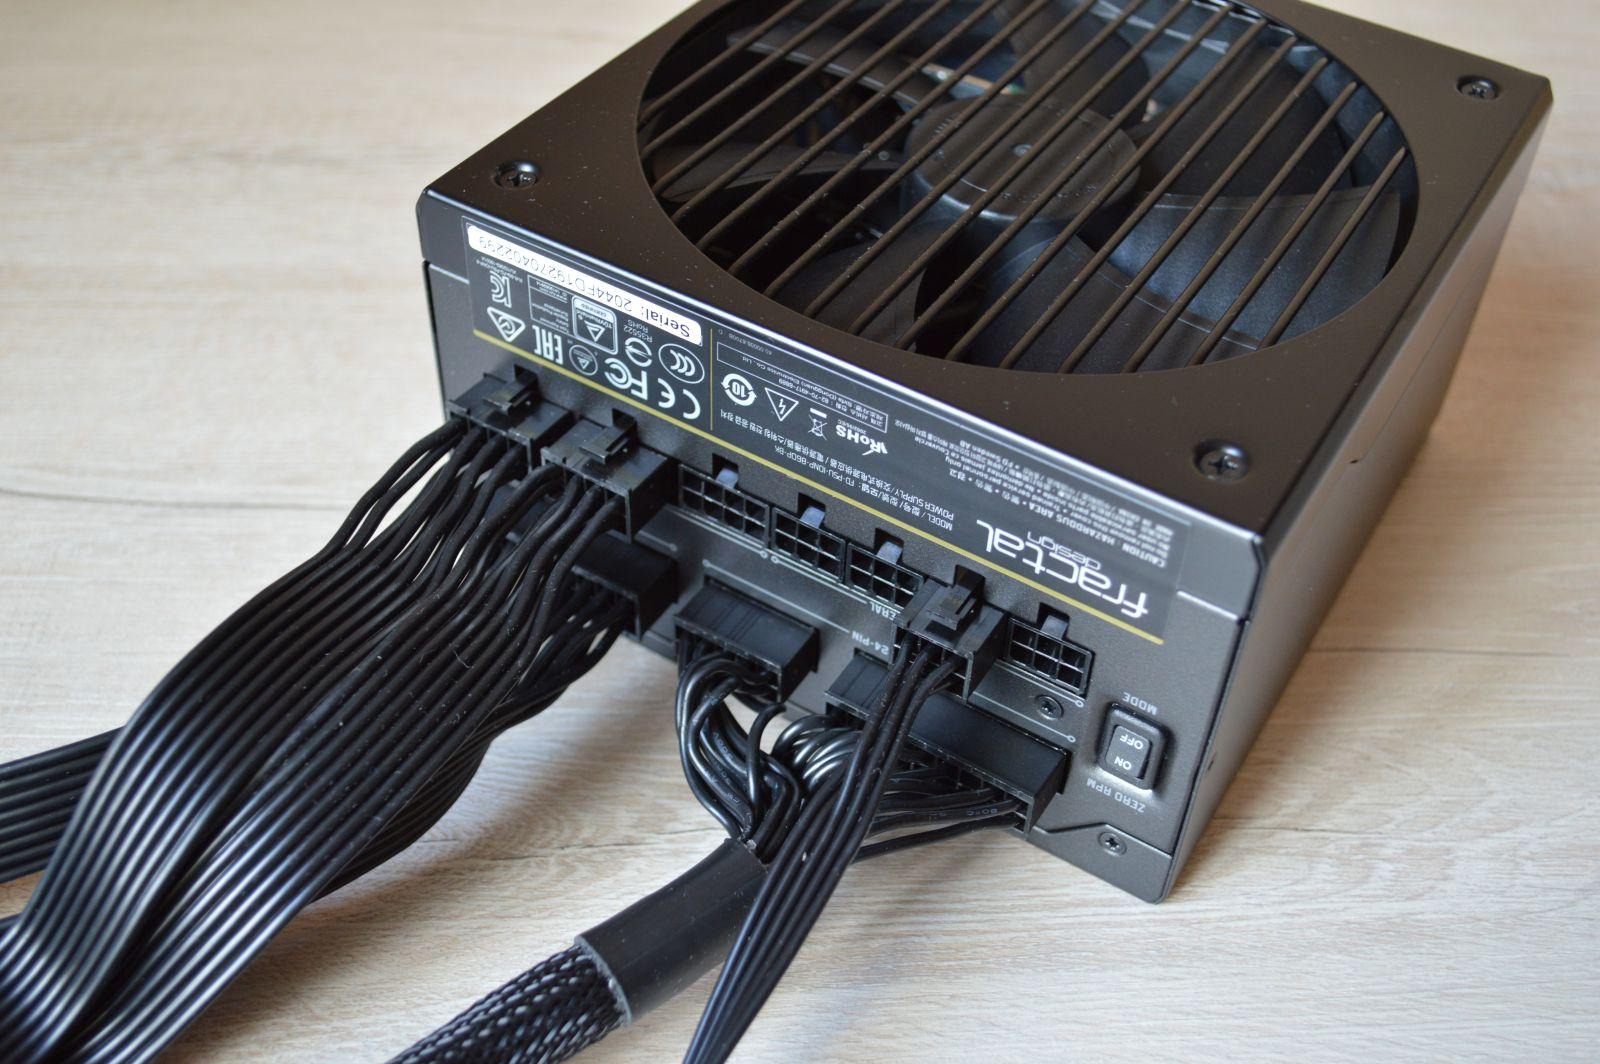 Fractal Design Ion+ Platinum 860 Вт в собранном виде